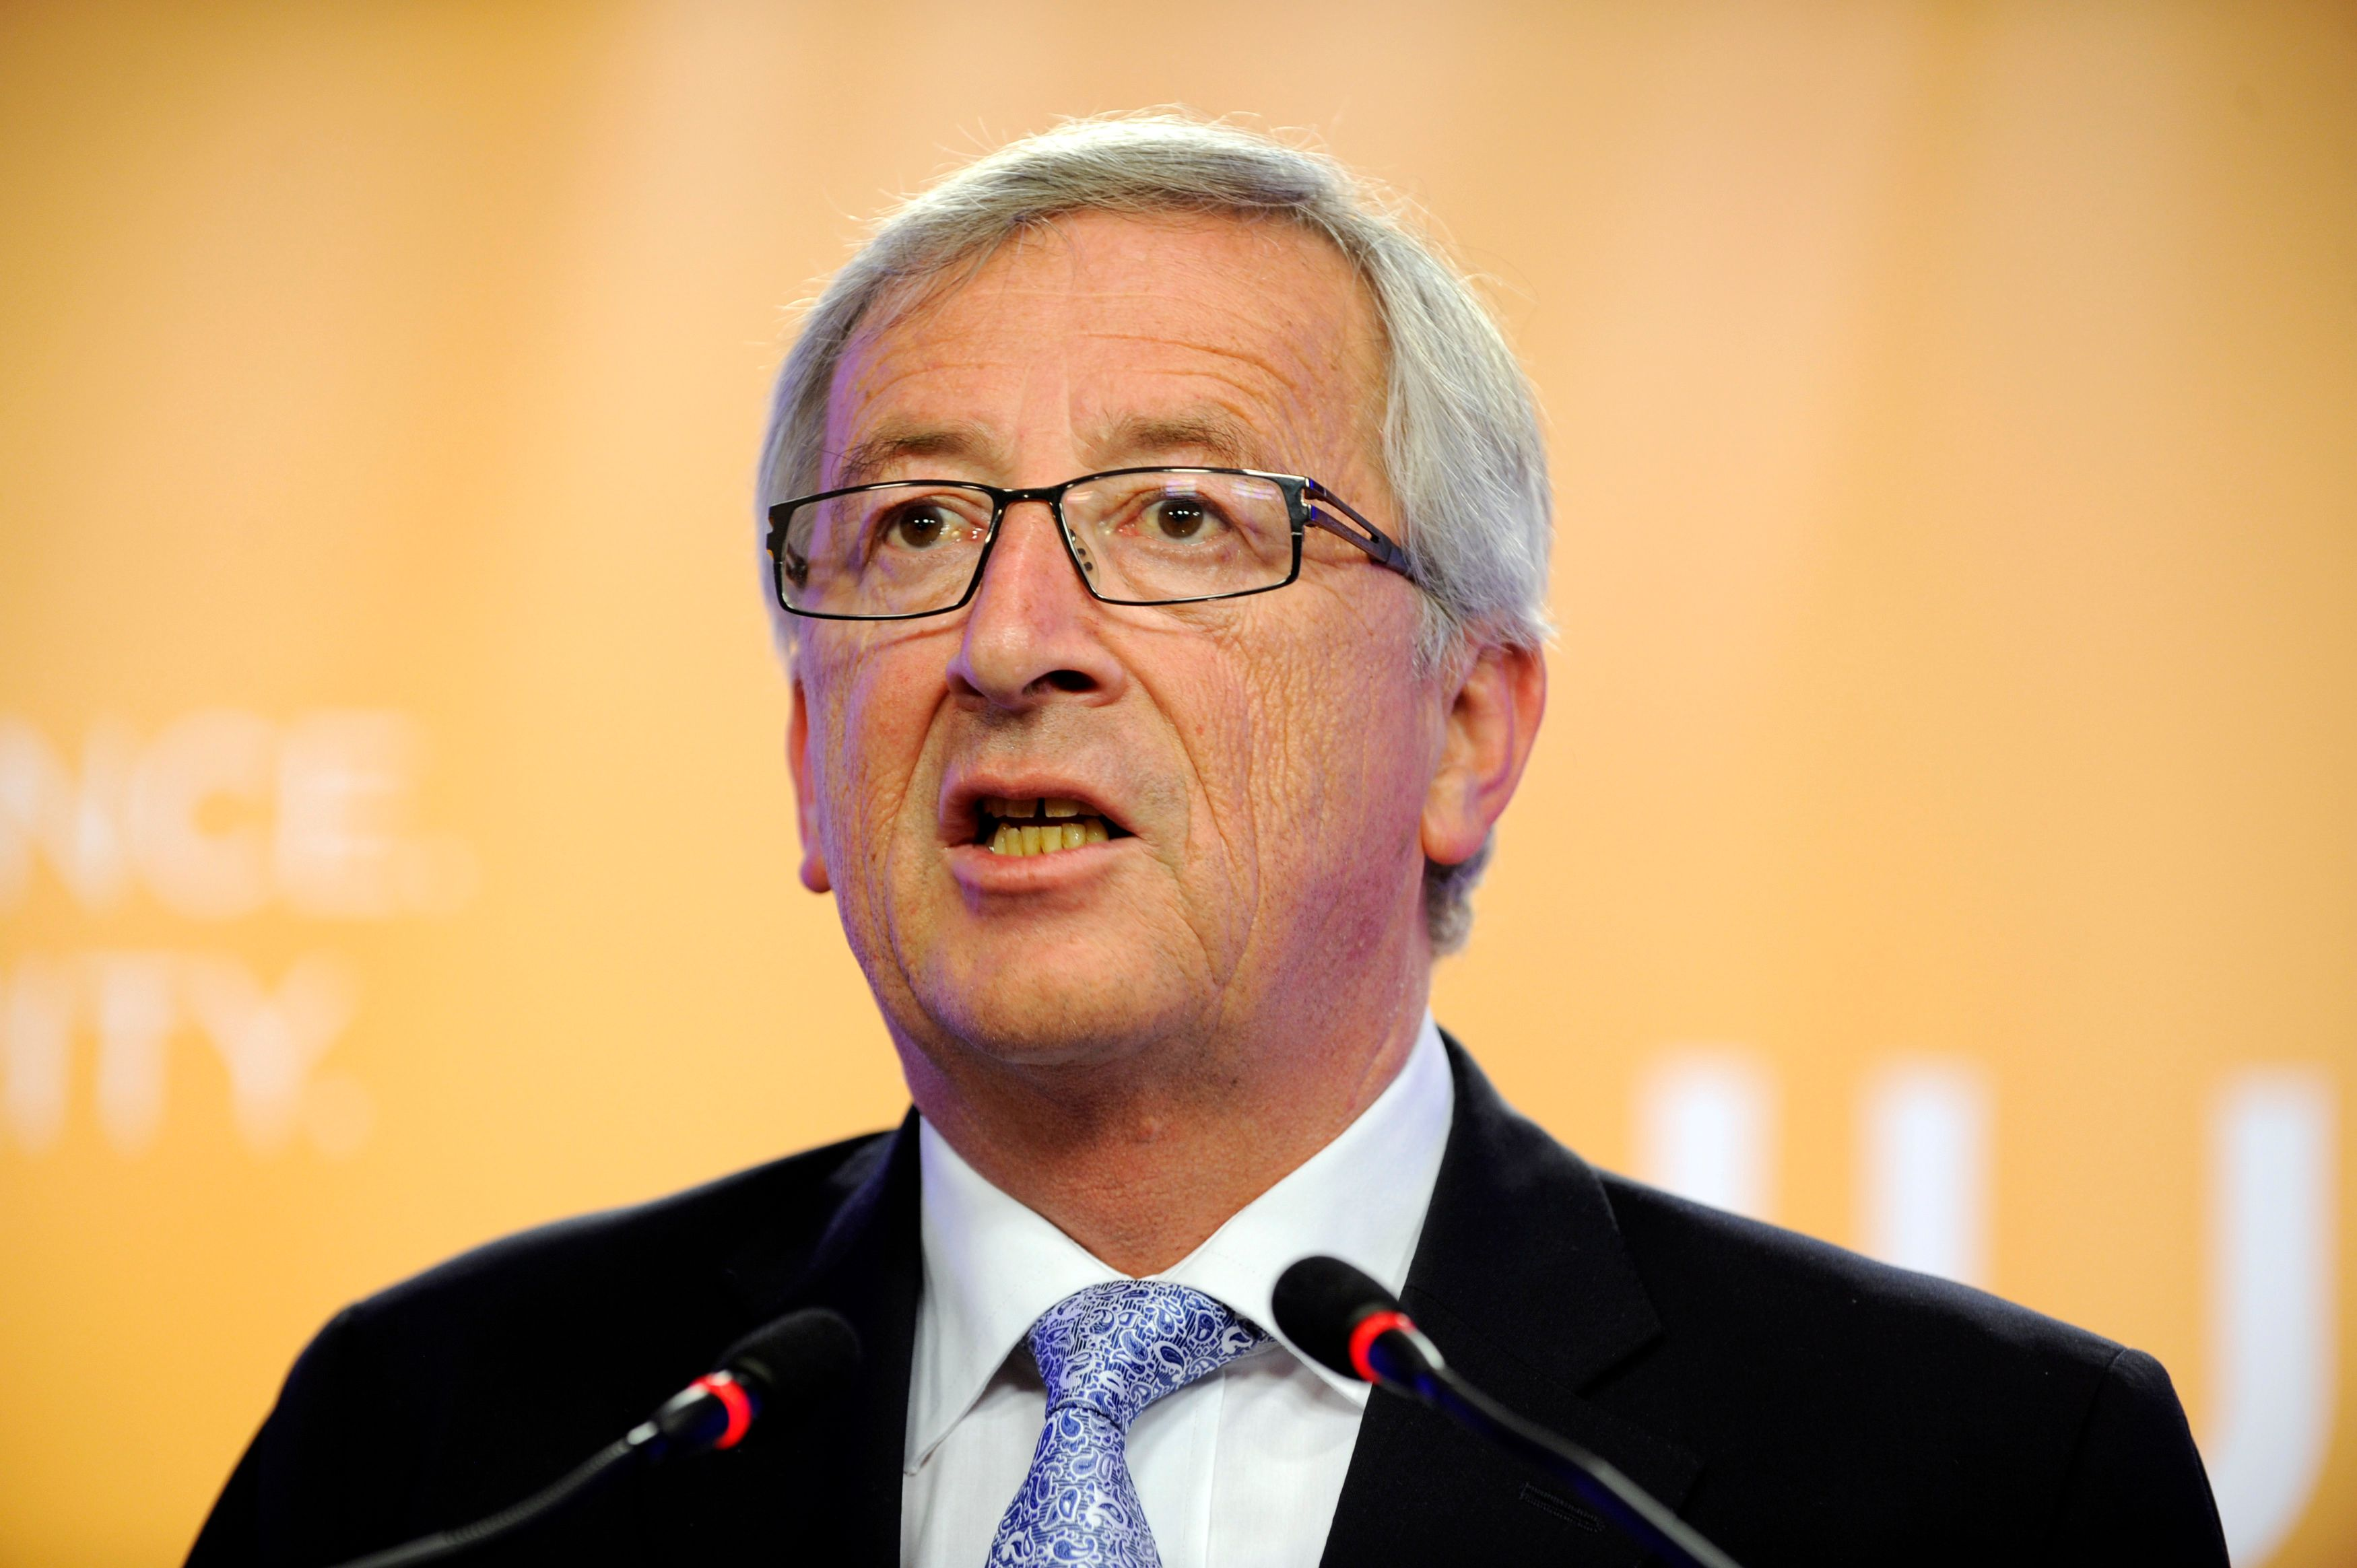 Le président désigné de la Commission européenne, Jean-Claude Juncker